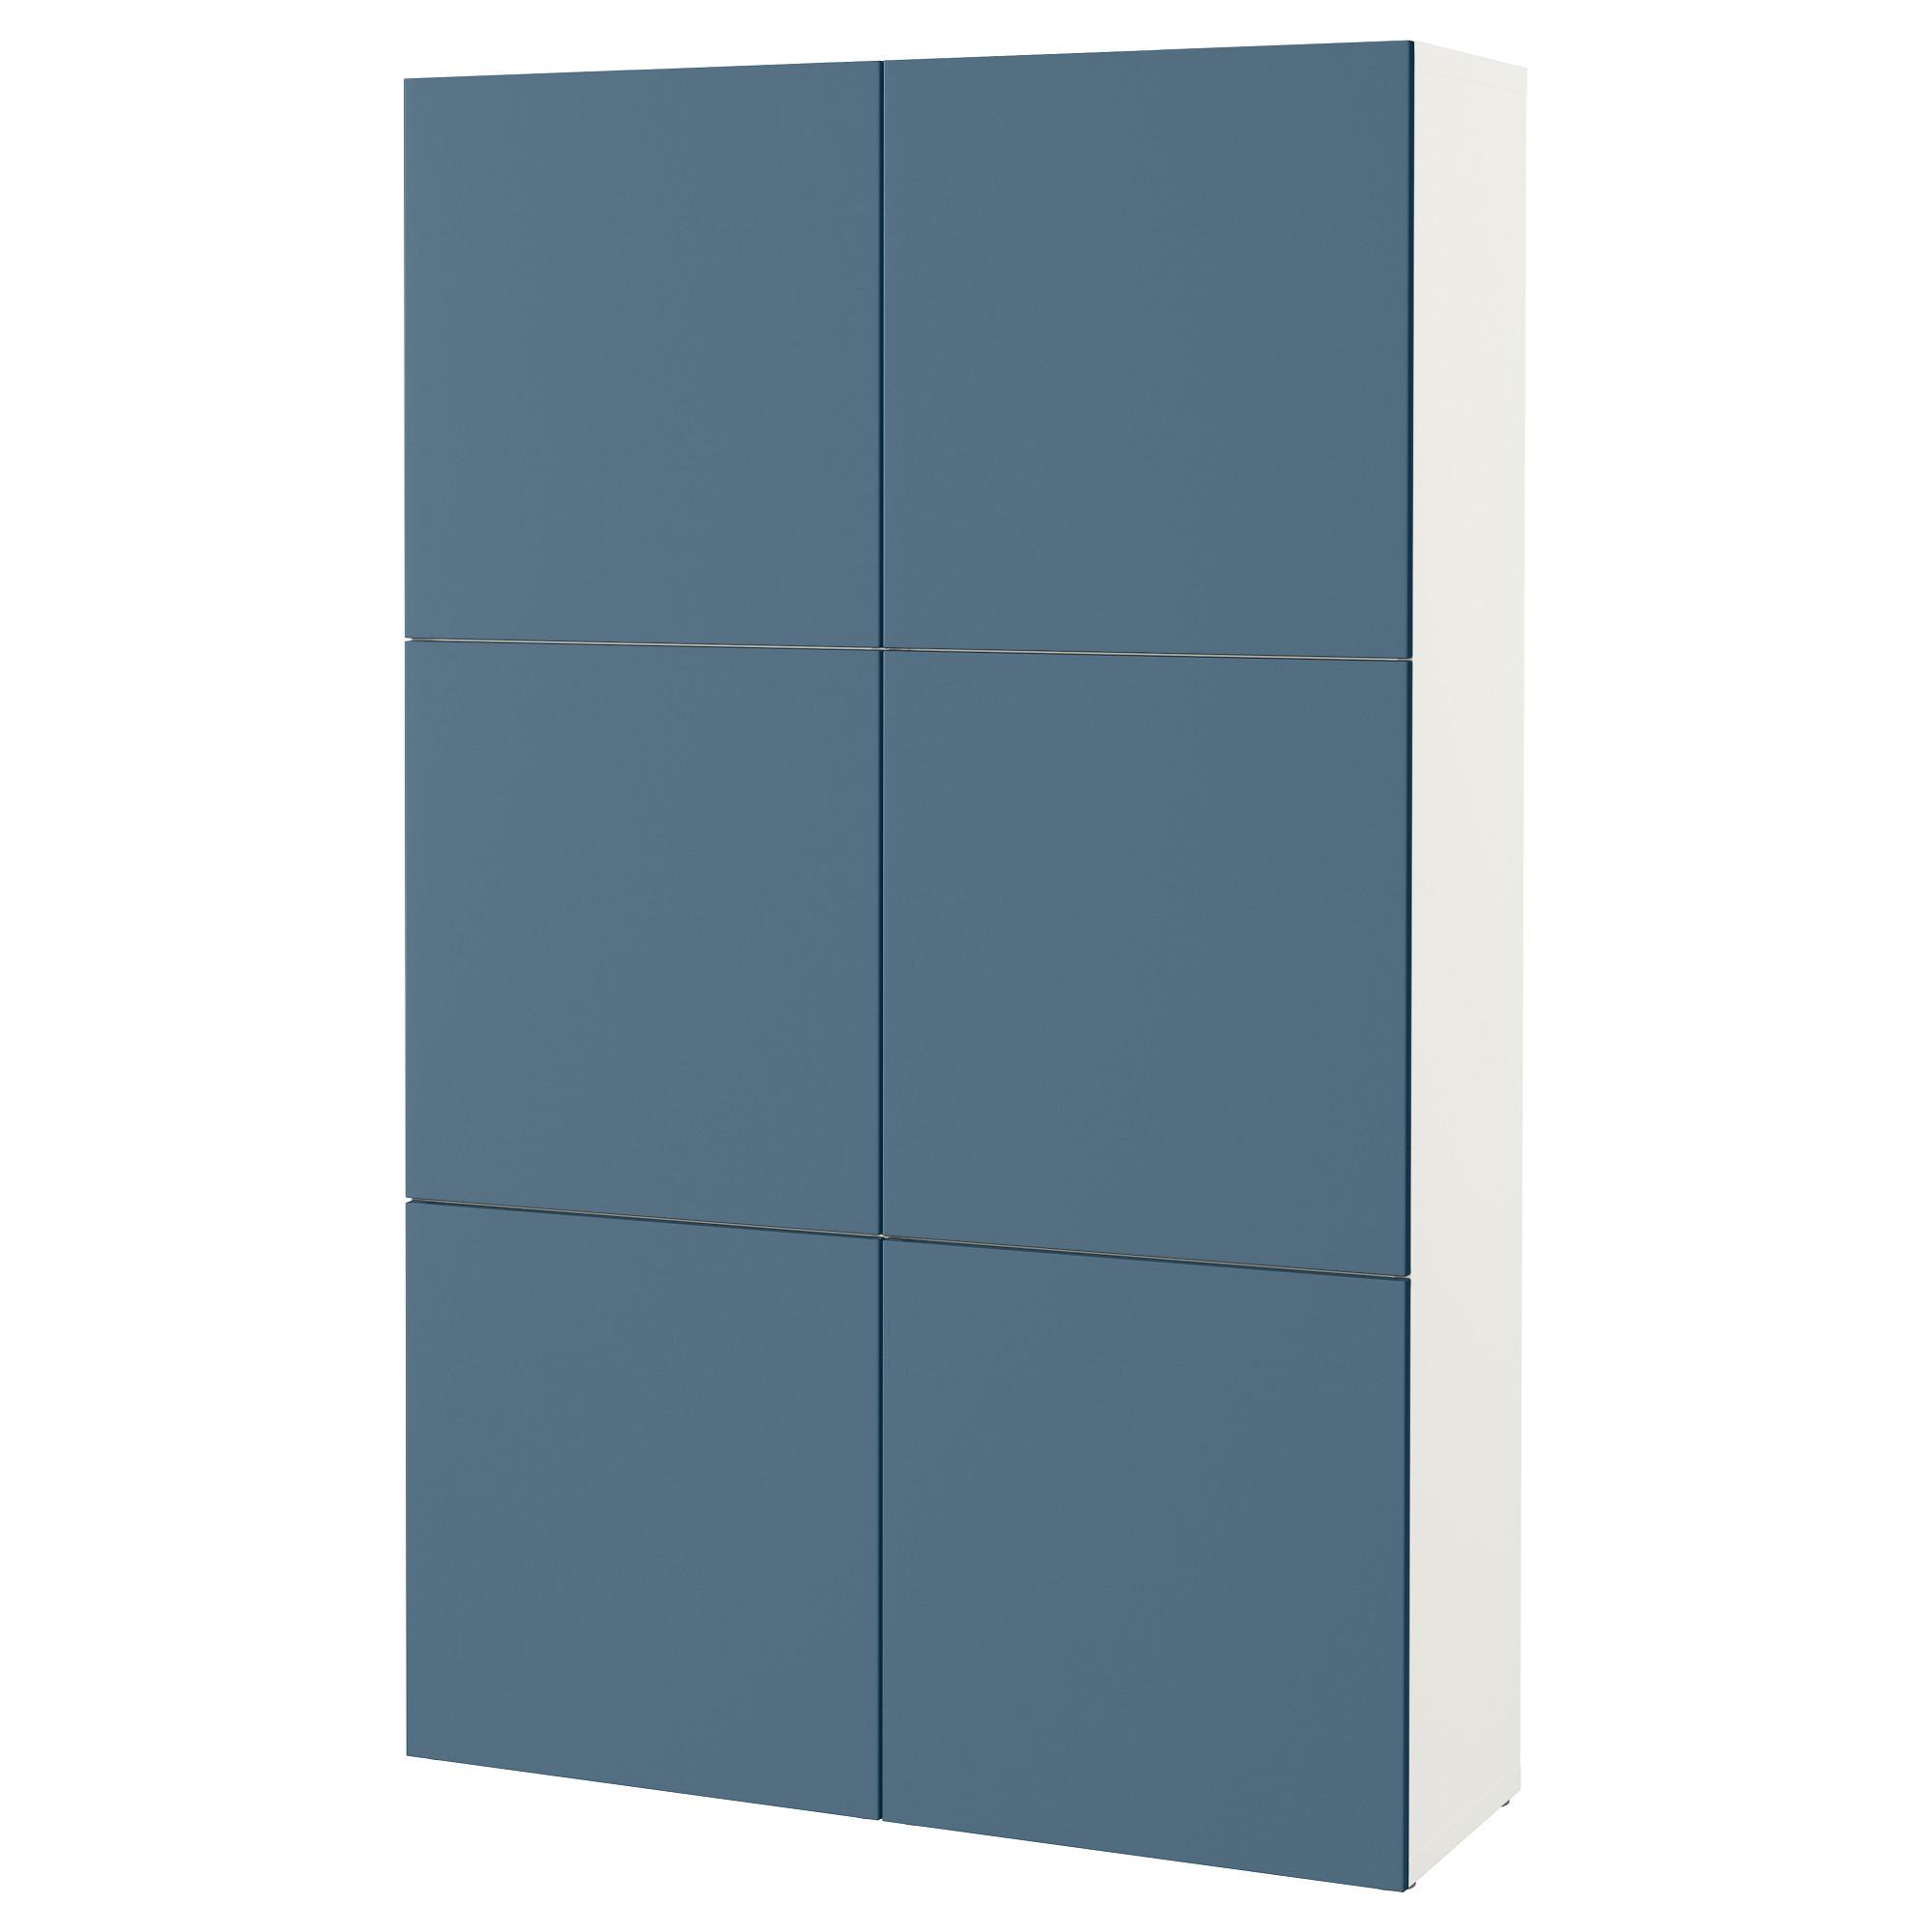 Комбинация для хранения с дверцами БЕСТО темно-синий артикуль № 292.471.57 в наличии. Online сайт IKEA РБ. Недорогая доставка и соборка.